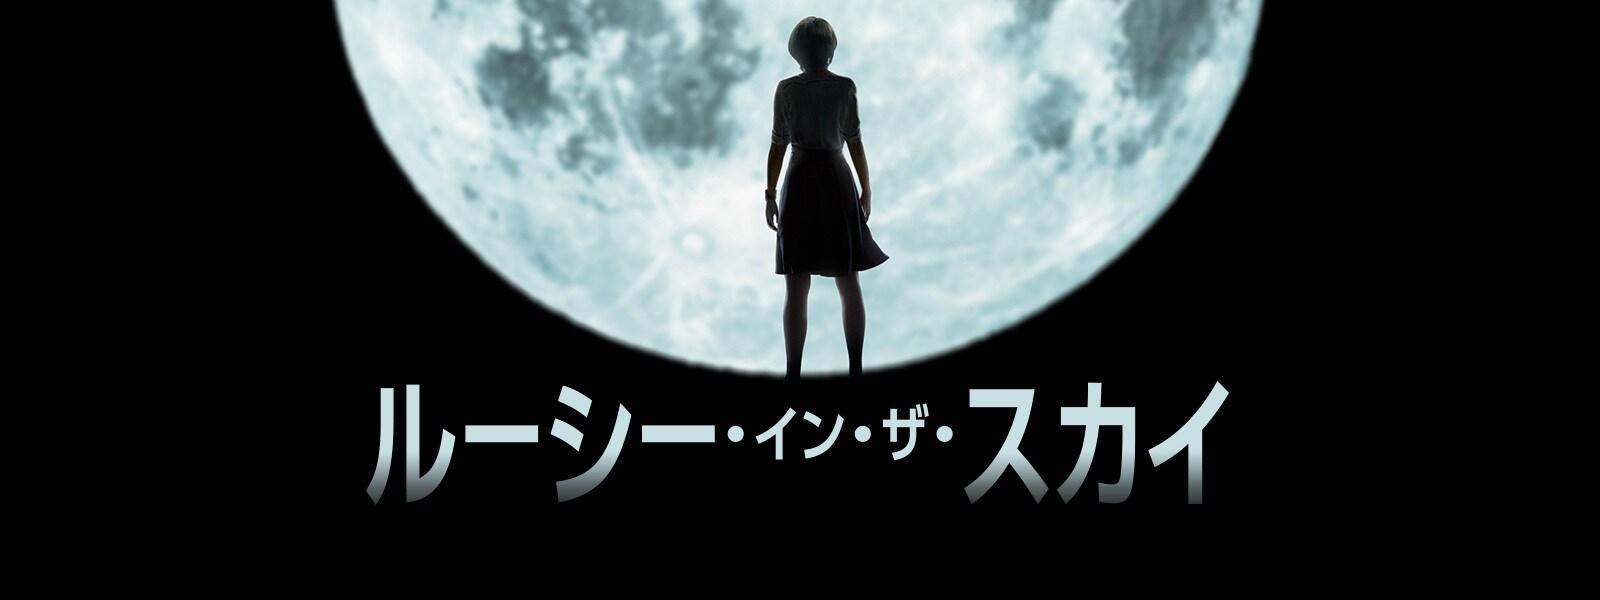 ルーシー・イン・ザ・スカイ|Lucy in the Sky Hero Object